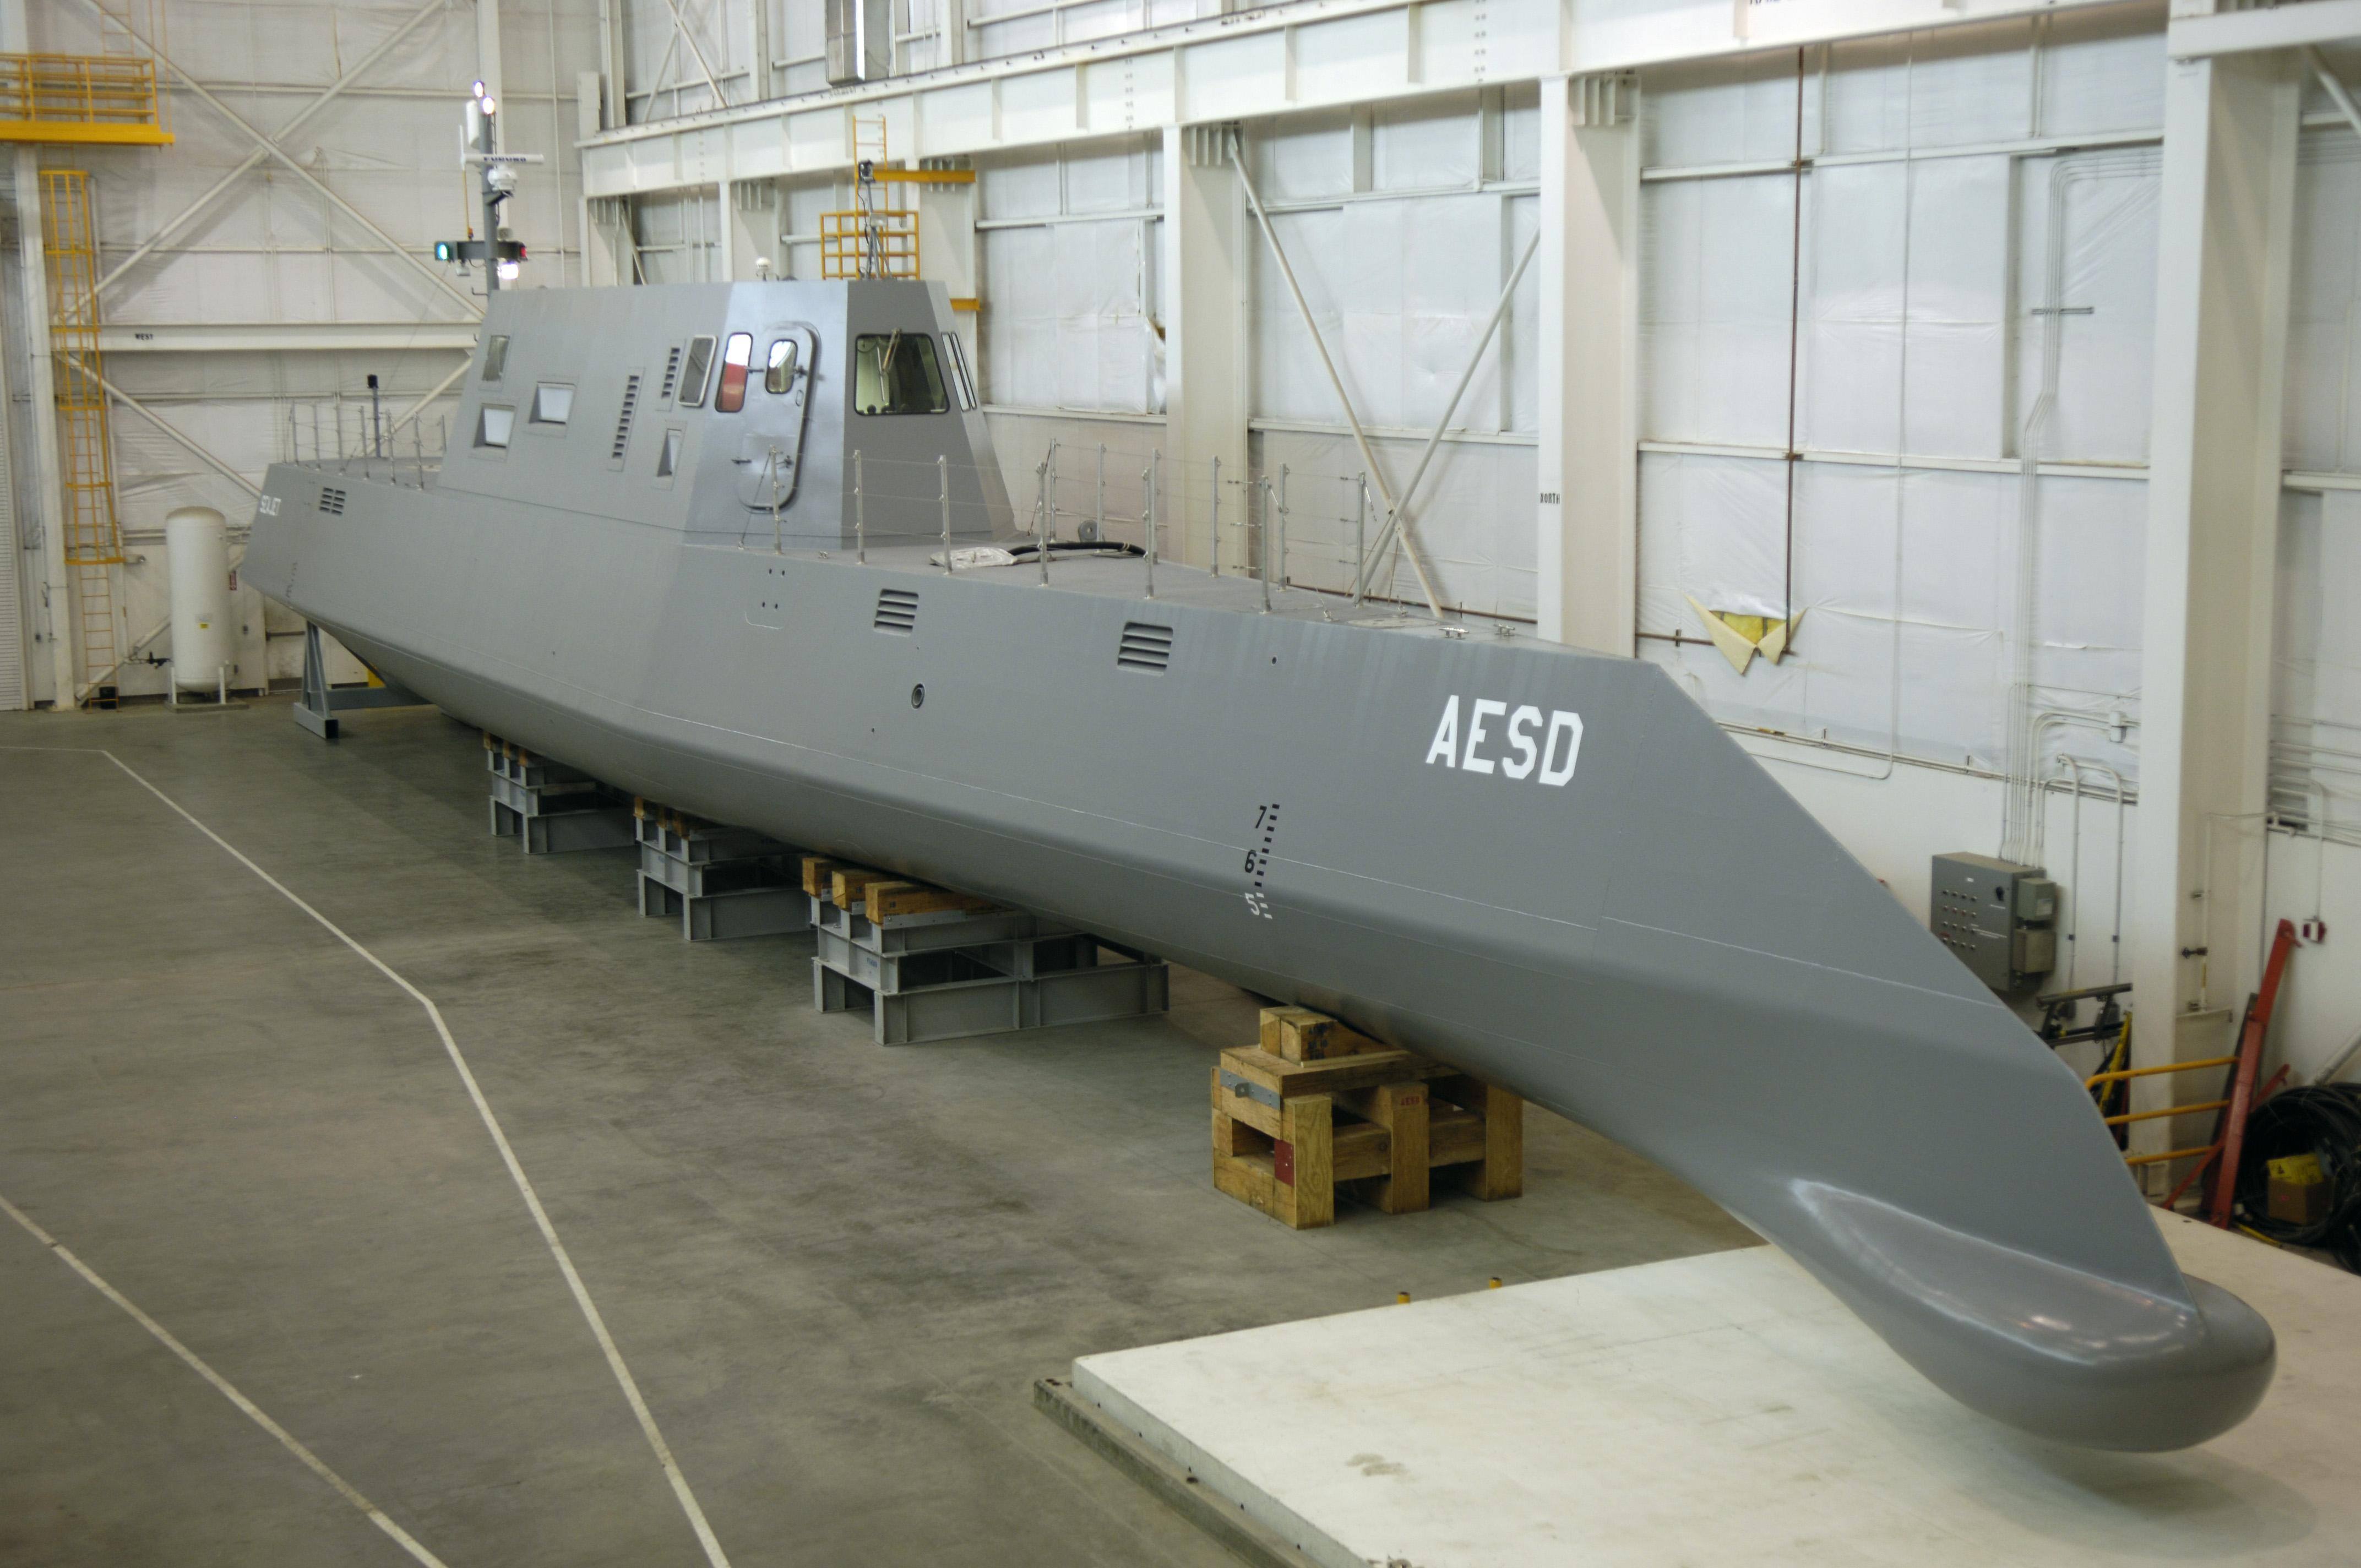 ... ship demonstrator model ship plans for sale model ship plans download